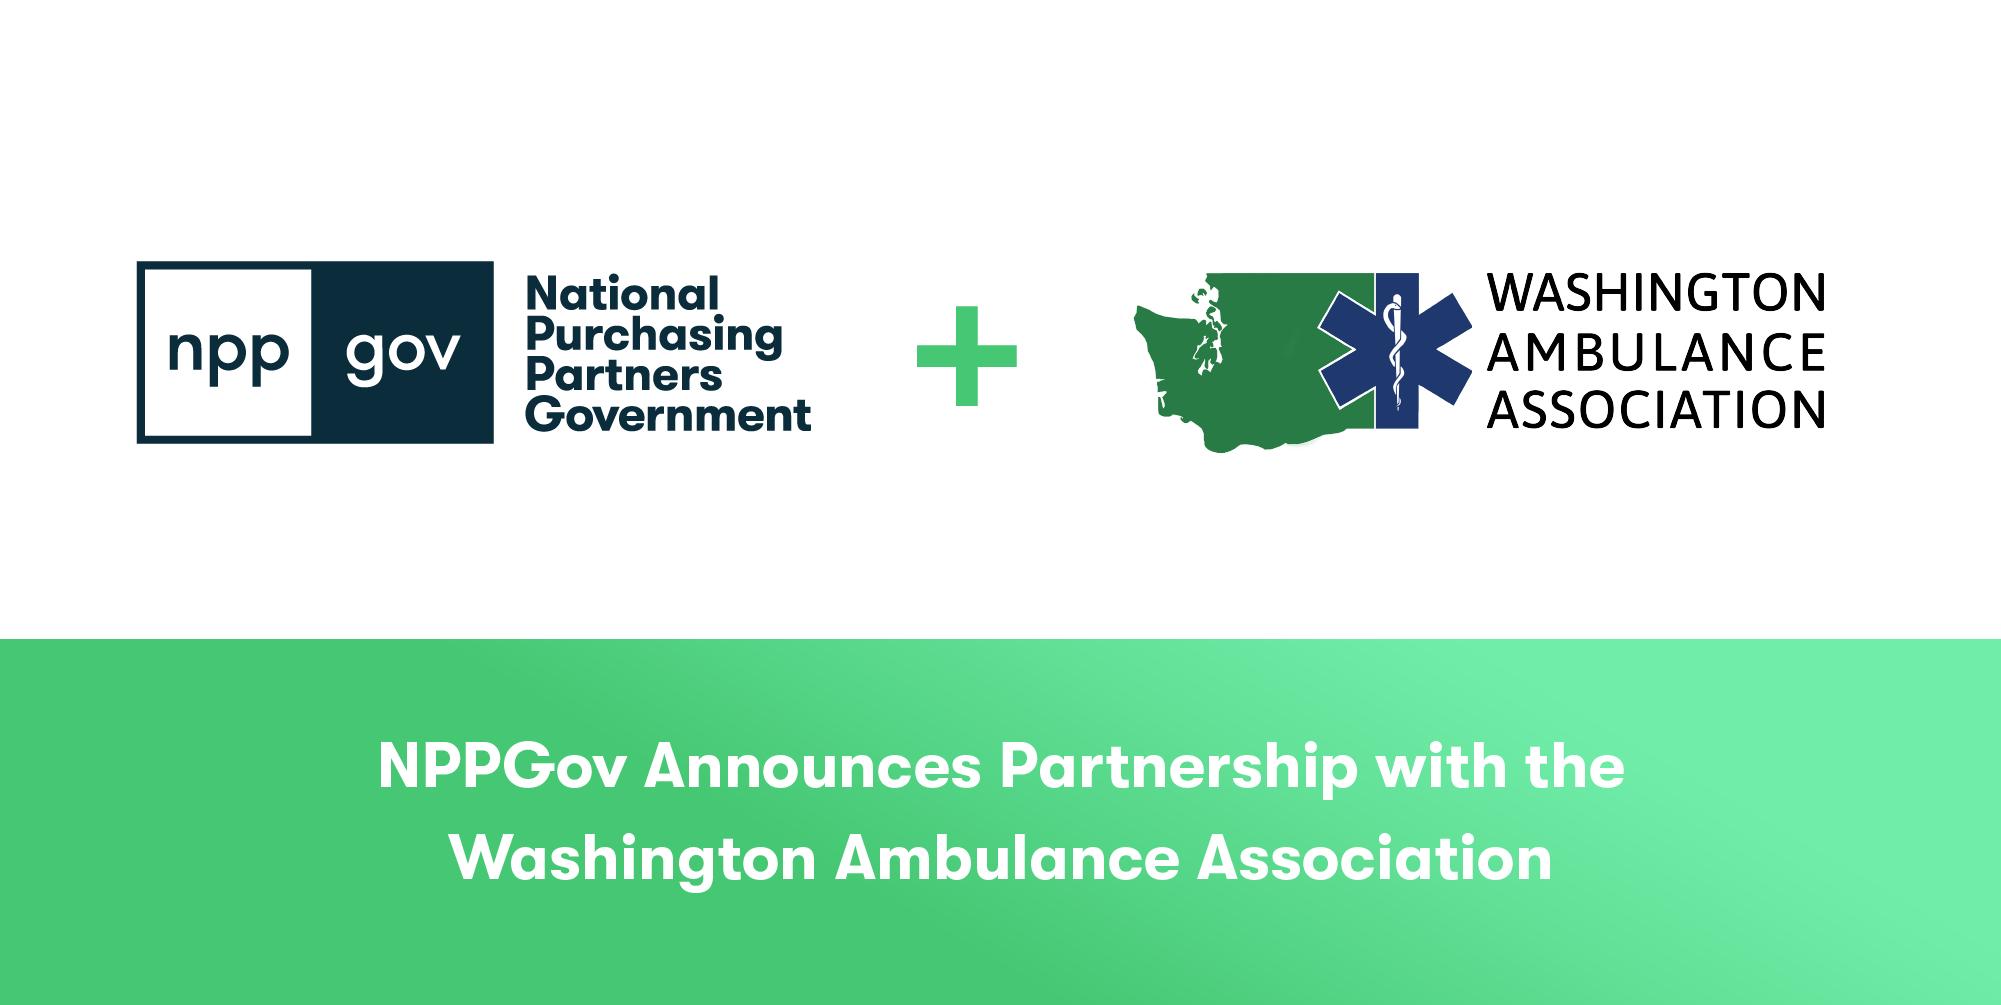 NPPGov Public Safety GPO Partners With The Washington Ambulance Association